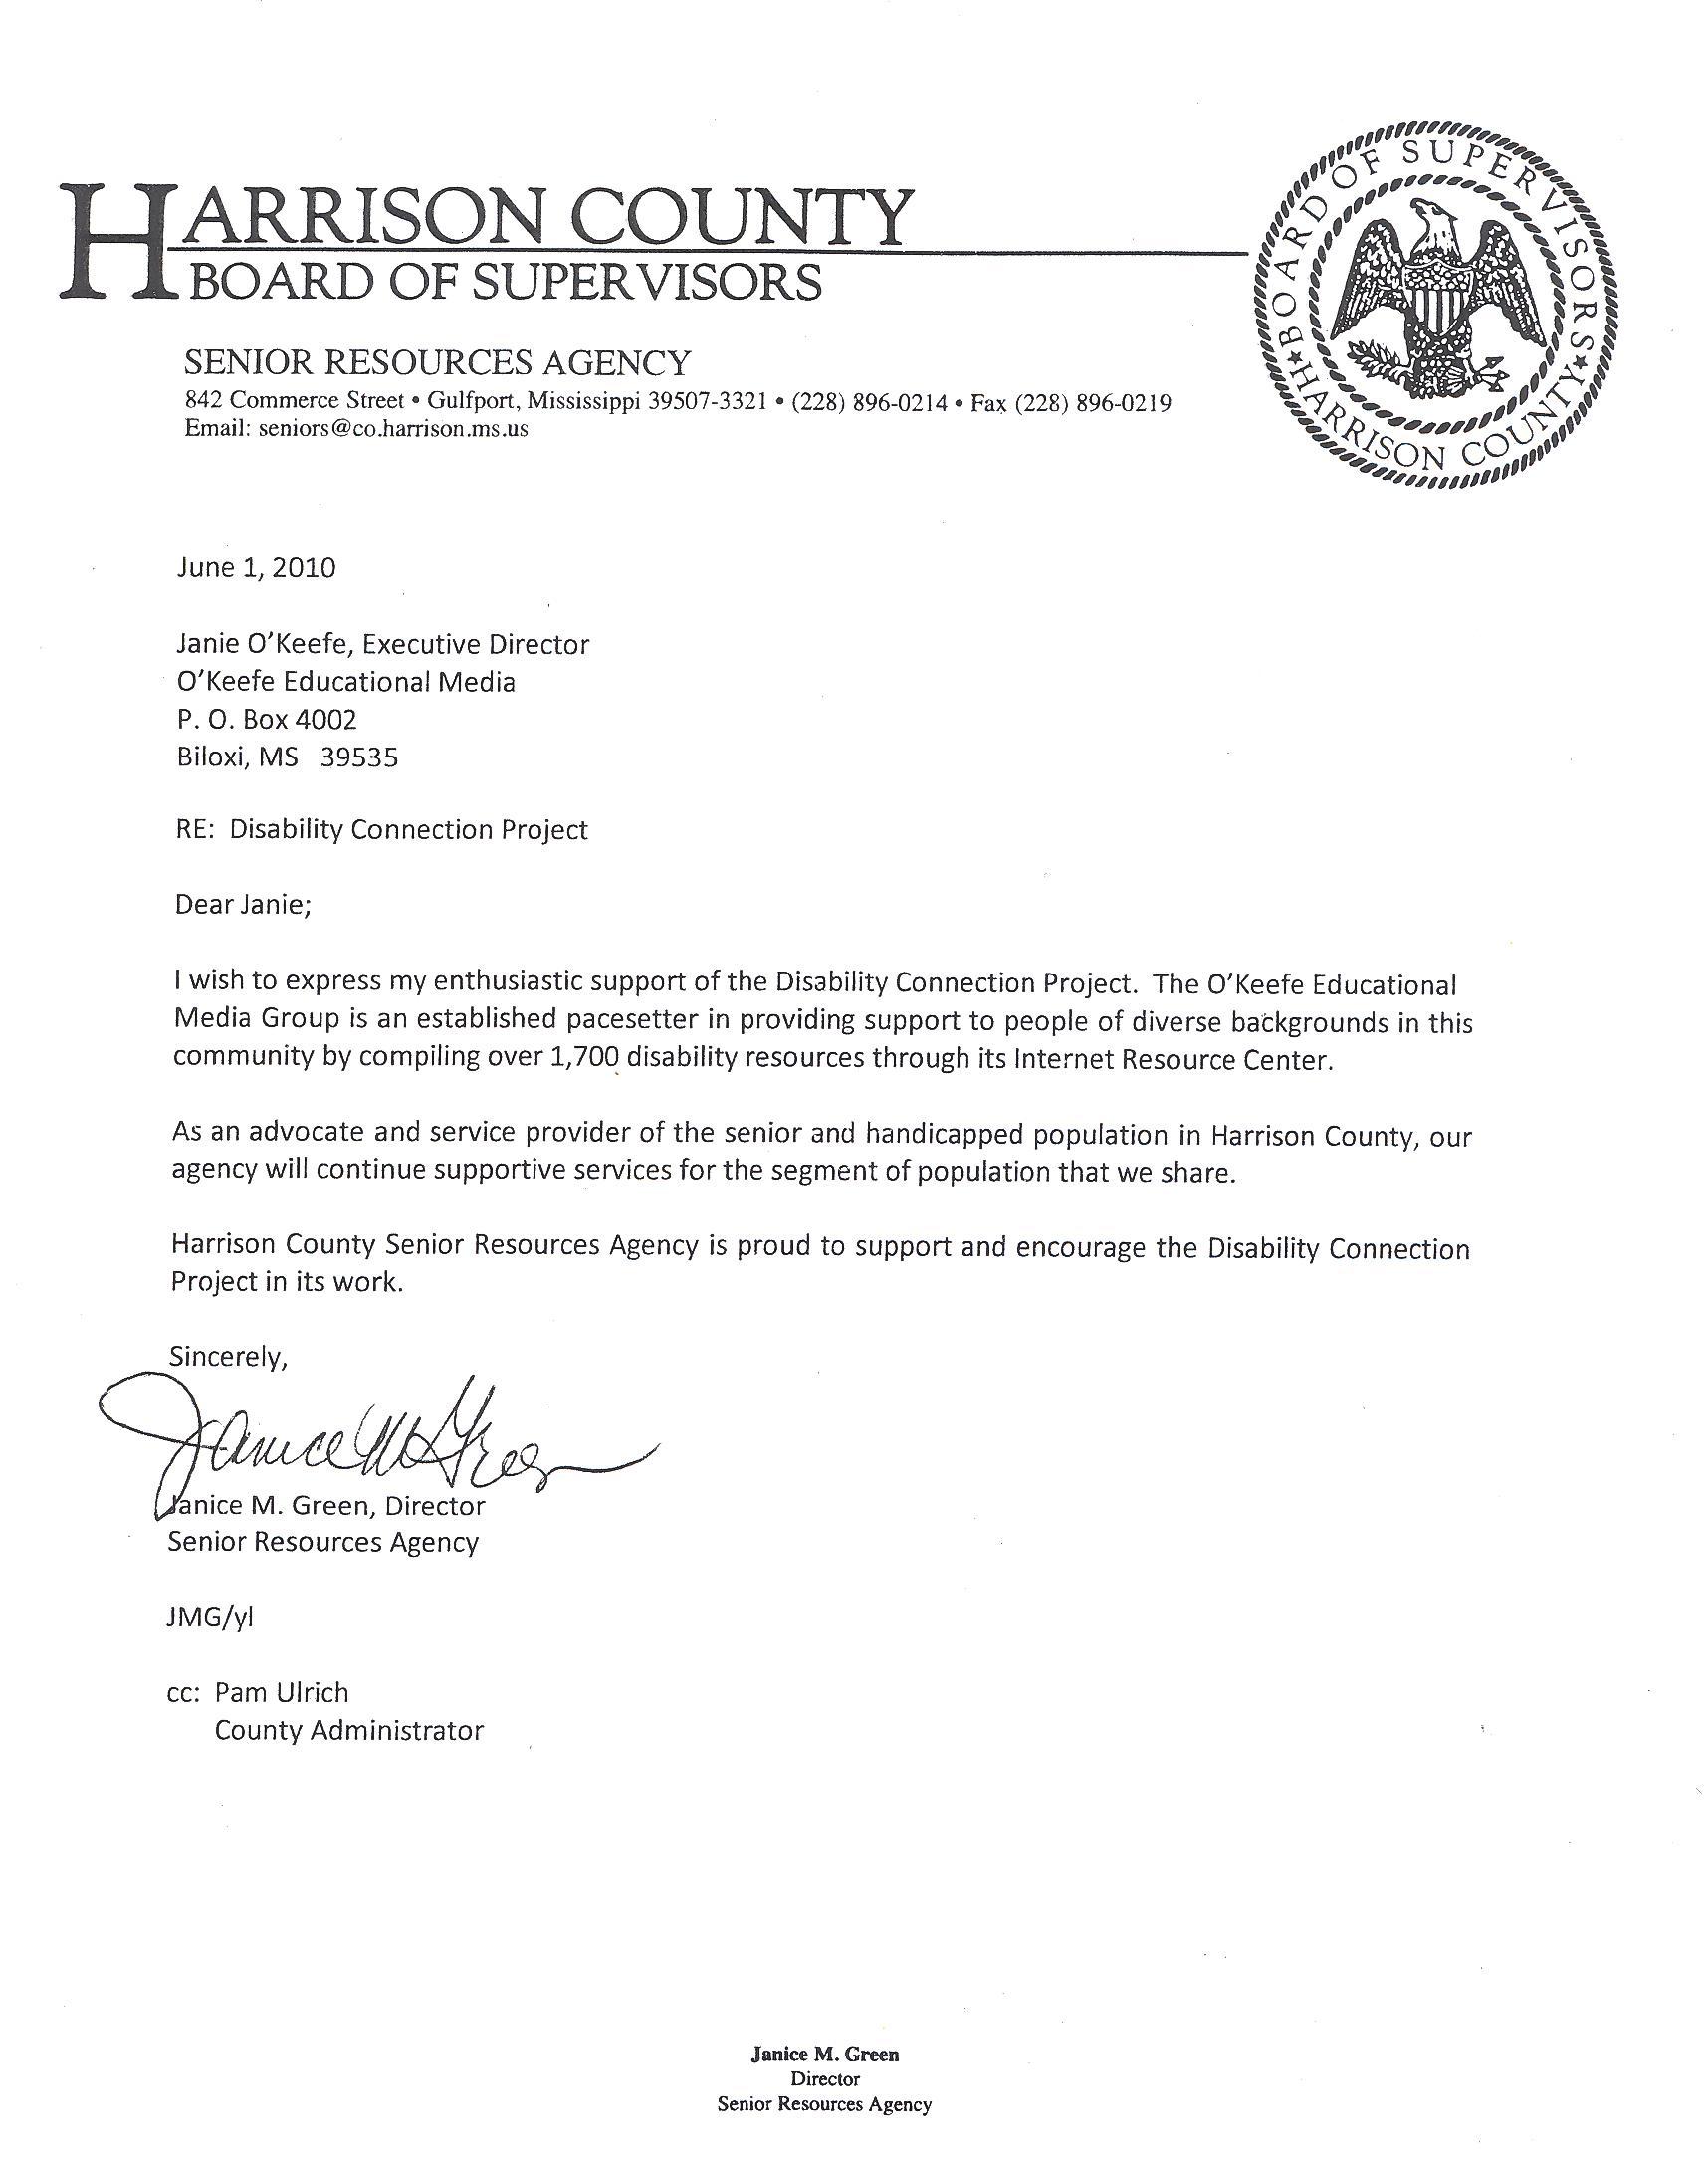 Letter of Agency